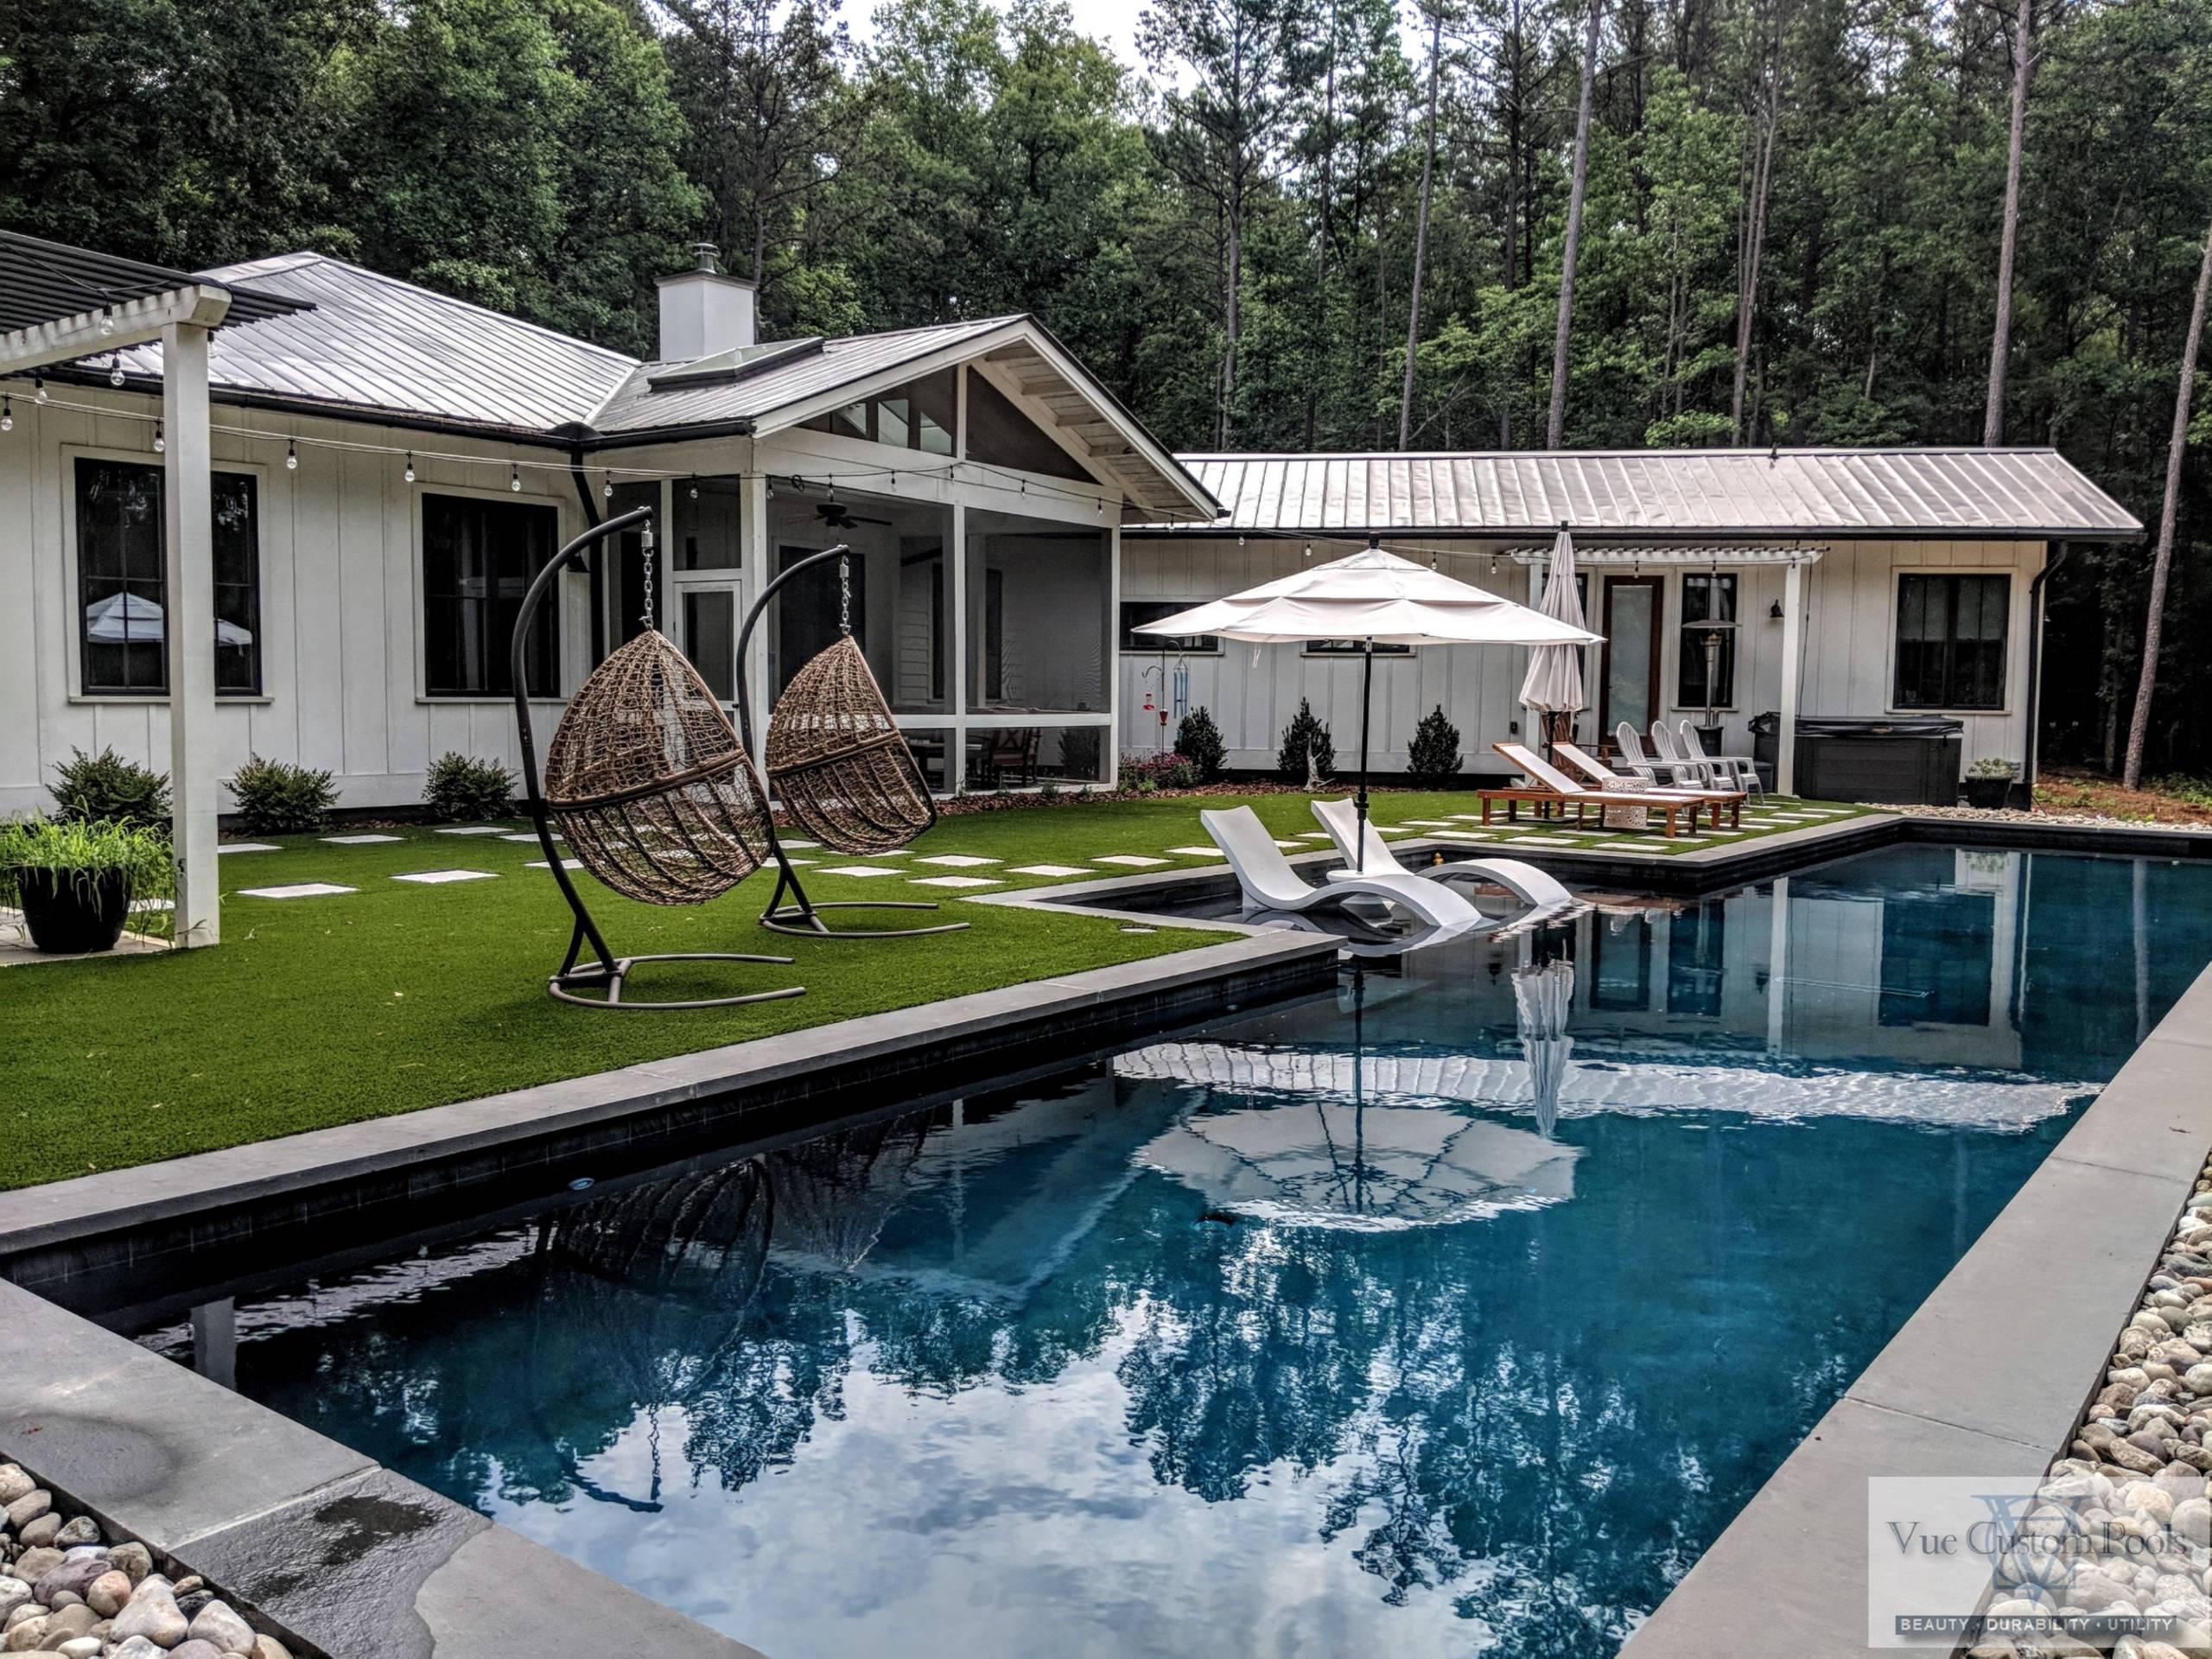 beautiful custom Lap pool Retreat